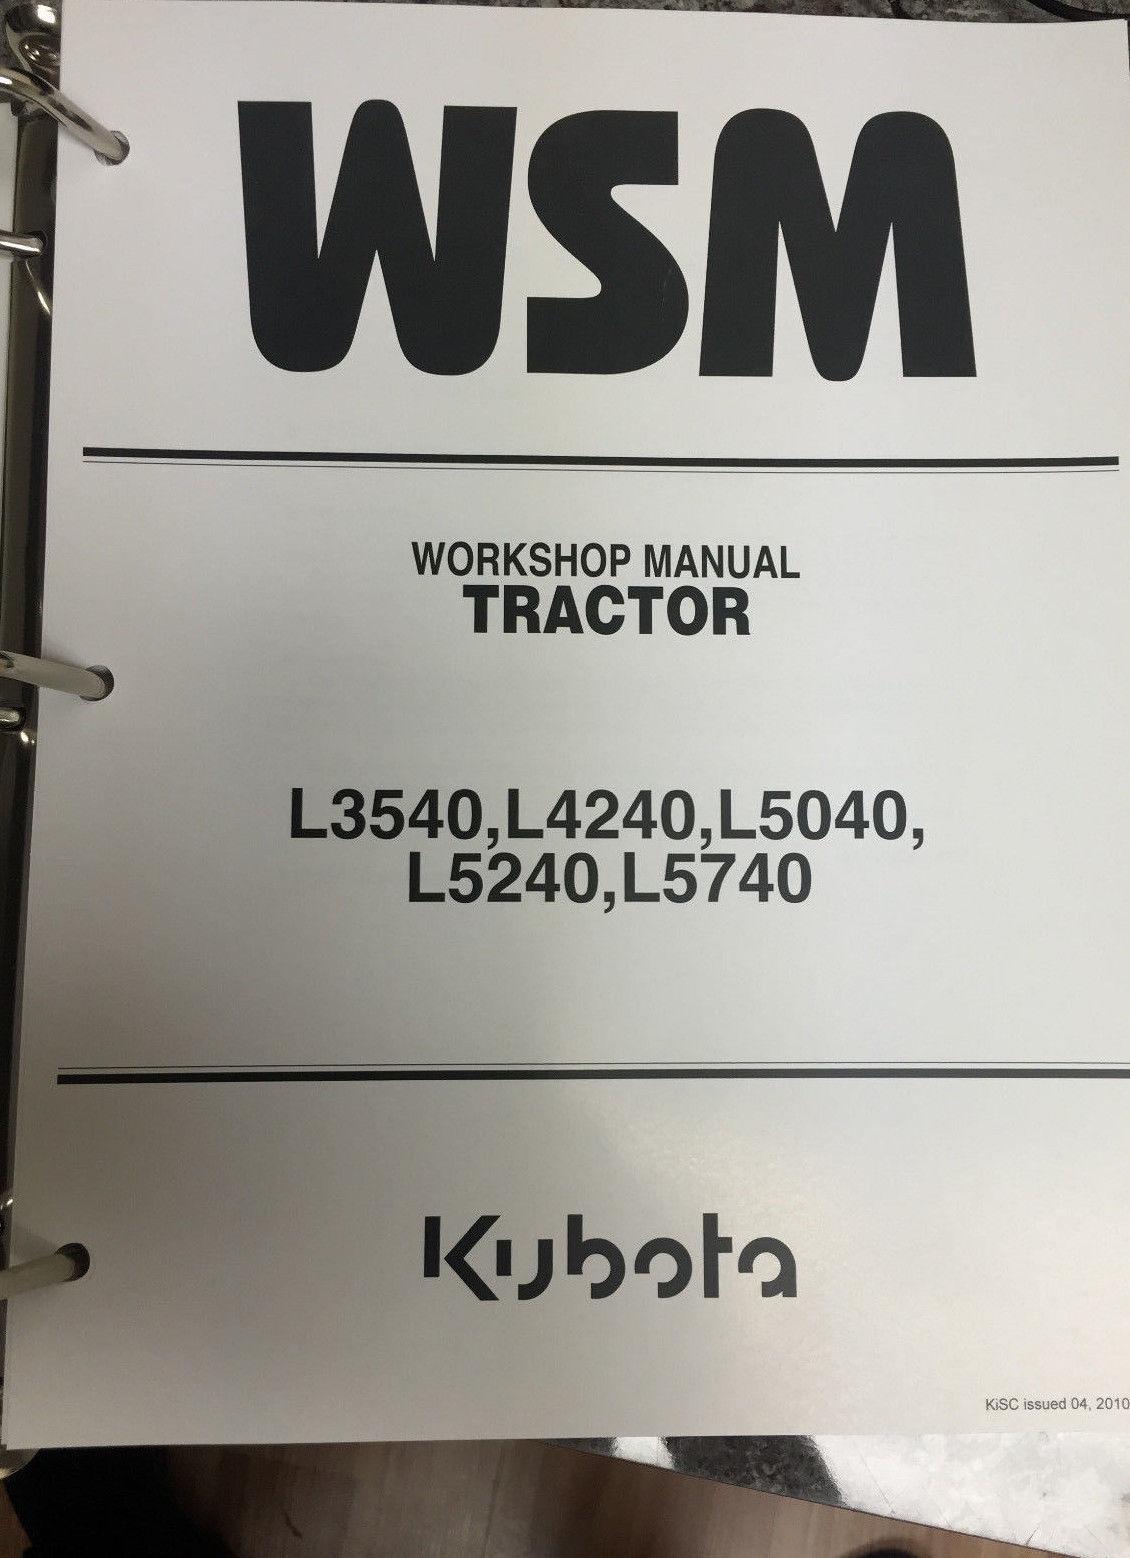 66. 66. Kubota L3540, L4240, L5040, L5240, L5740 Tractor Workshop Manual